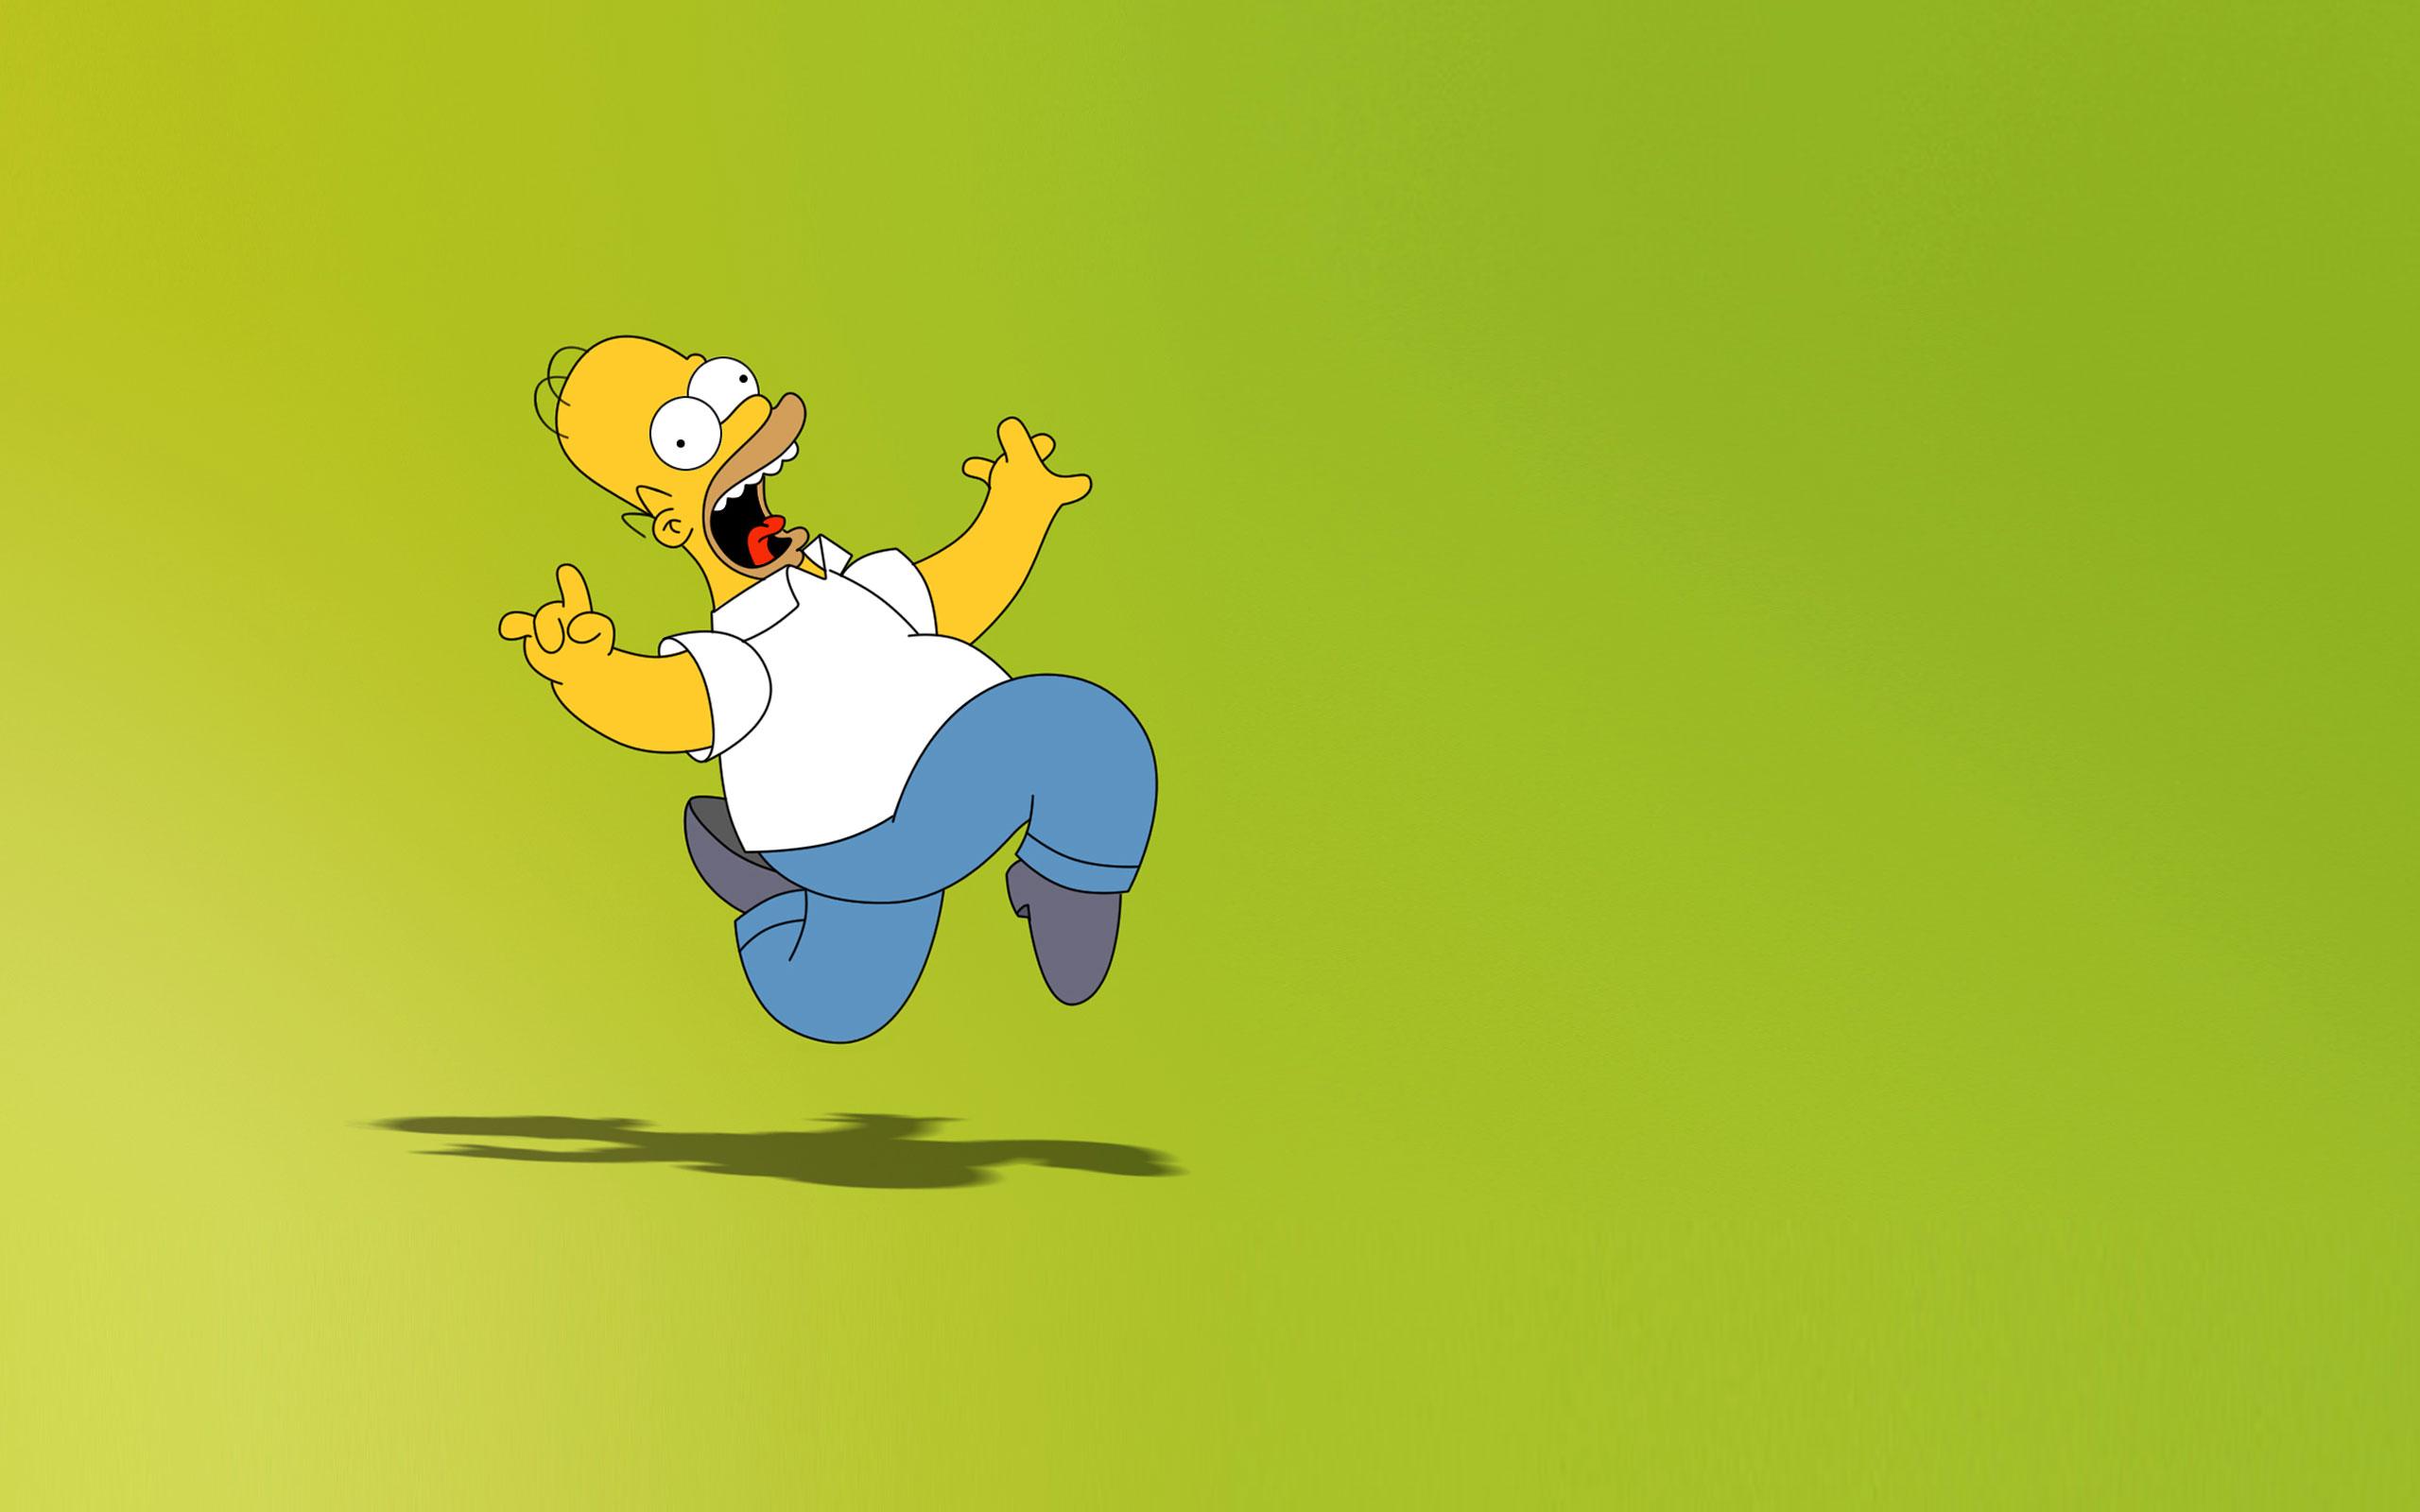 Homero Simpson - 2560x1600